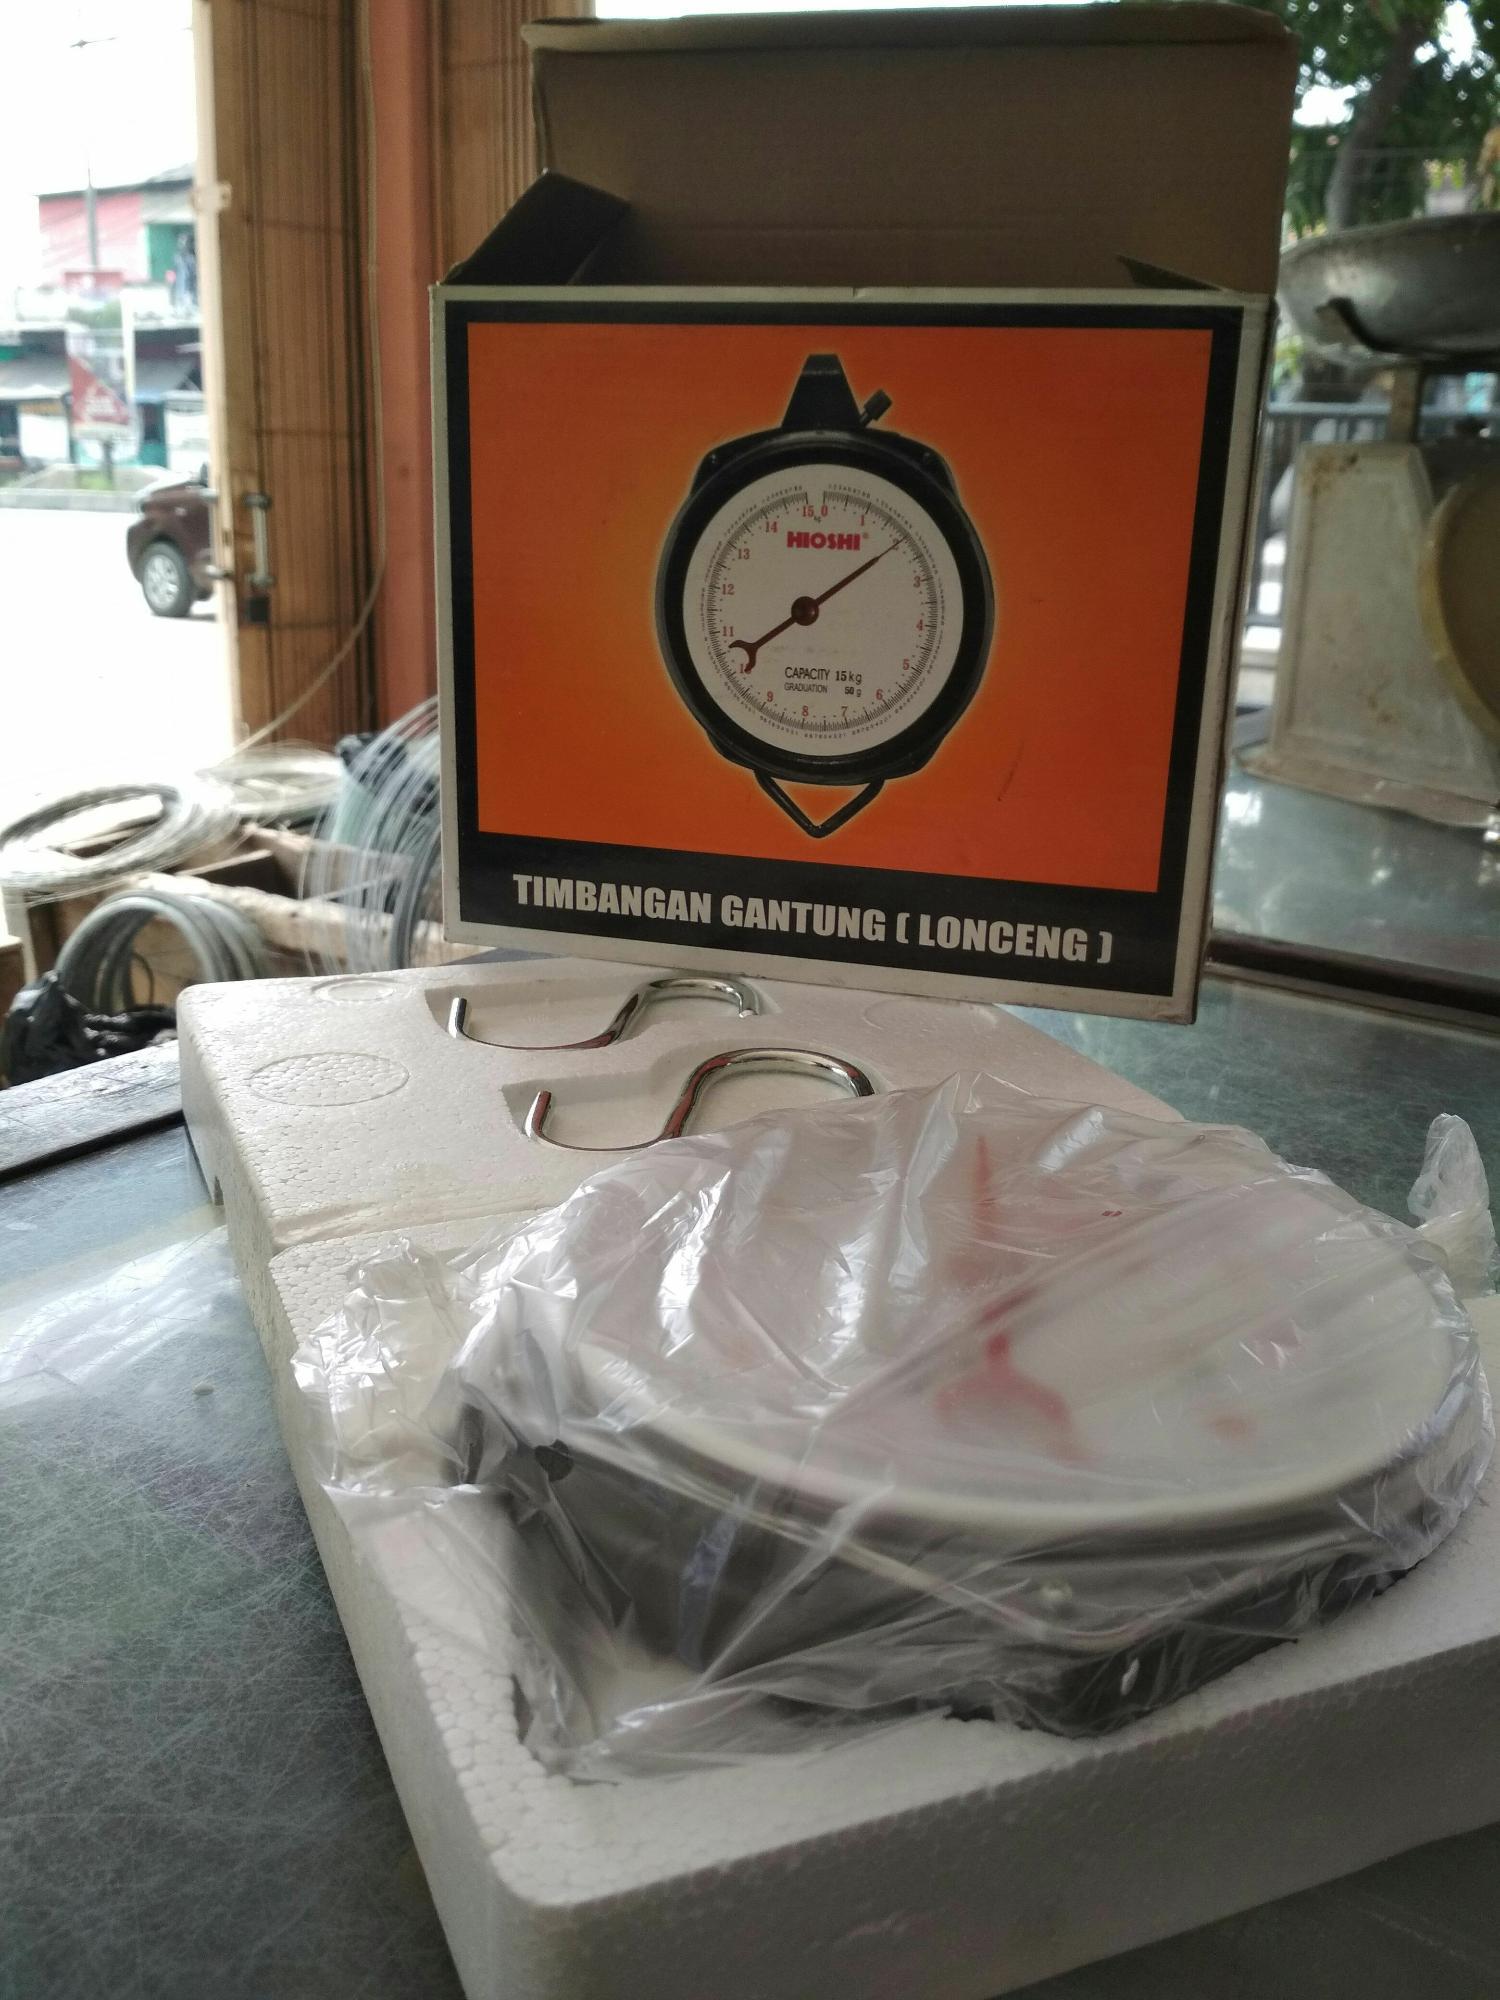 Timbangan gantung ( lonceng) 15 kg